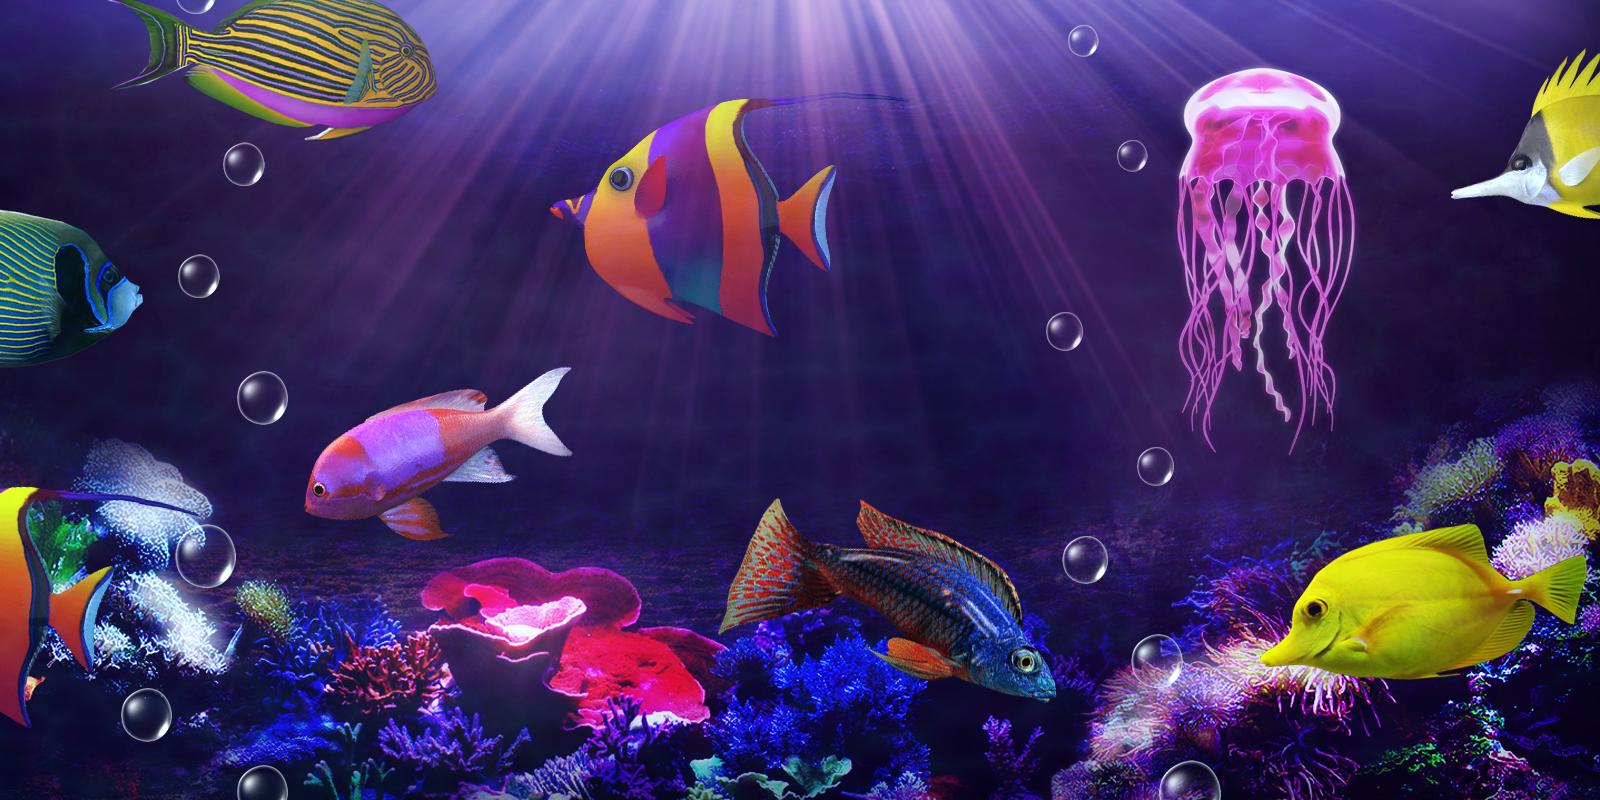 Interactive 3d Aquarium Live Wallpaper Aquarium Live Wallpaper Android Apps On Google Play